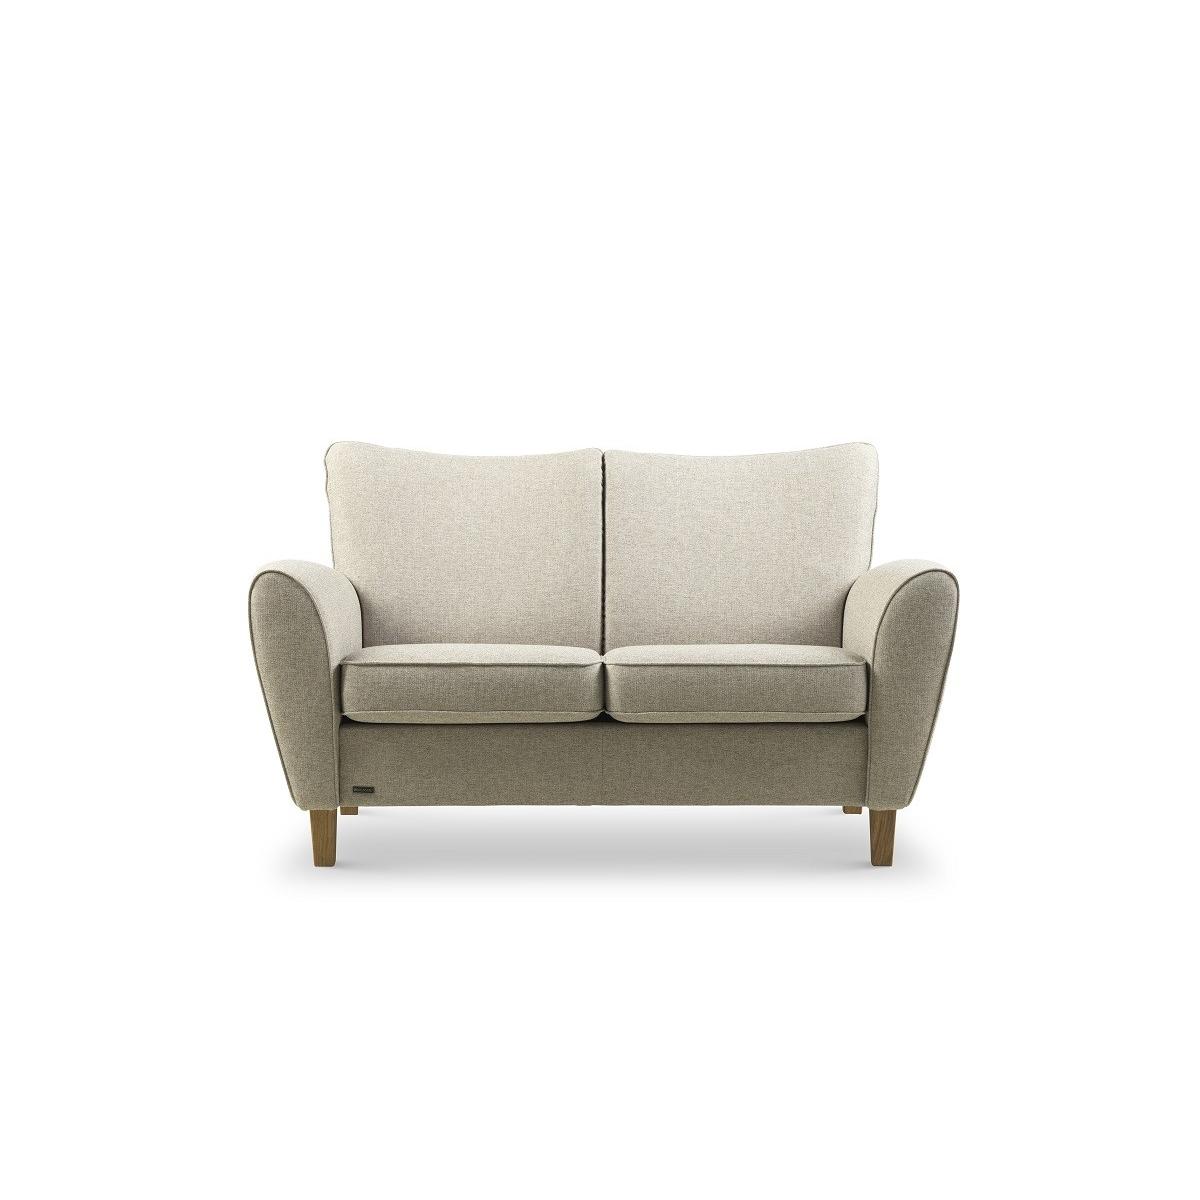 Brunstad System Pluss sofa i stof 2 personers Olieret eg Dessin: Cabana, Grå